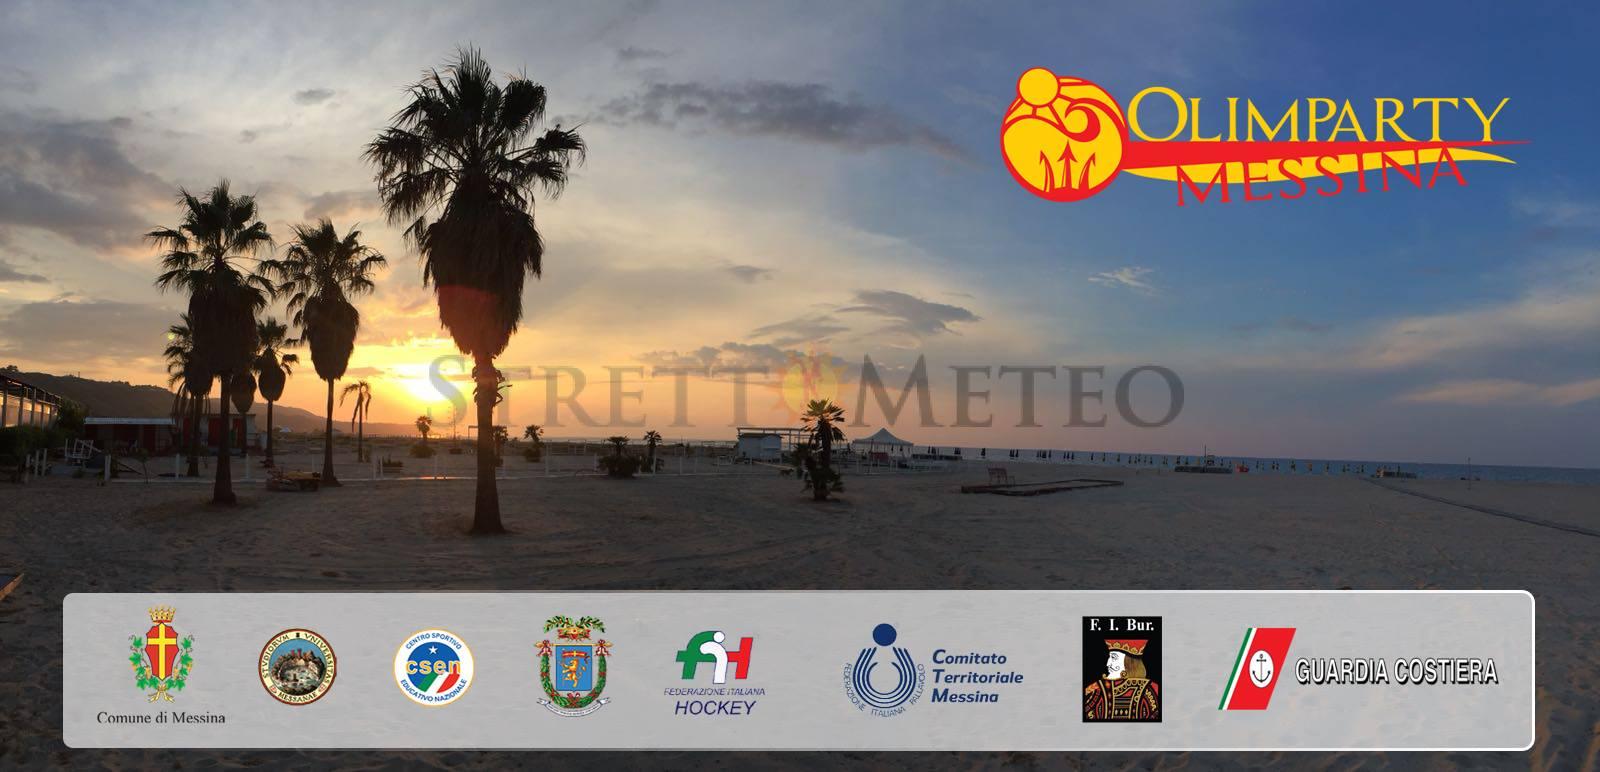 La VII edizione dell'Olimparty Messina esordisce con tempo stabile ed estivo!